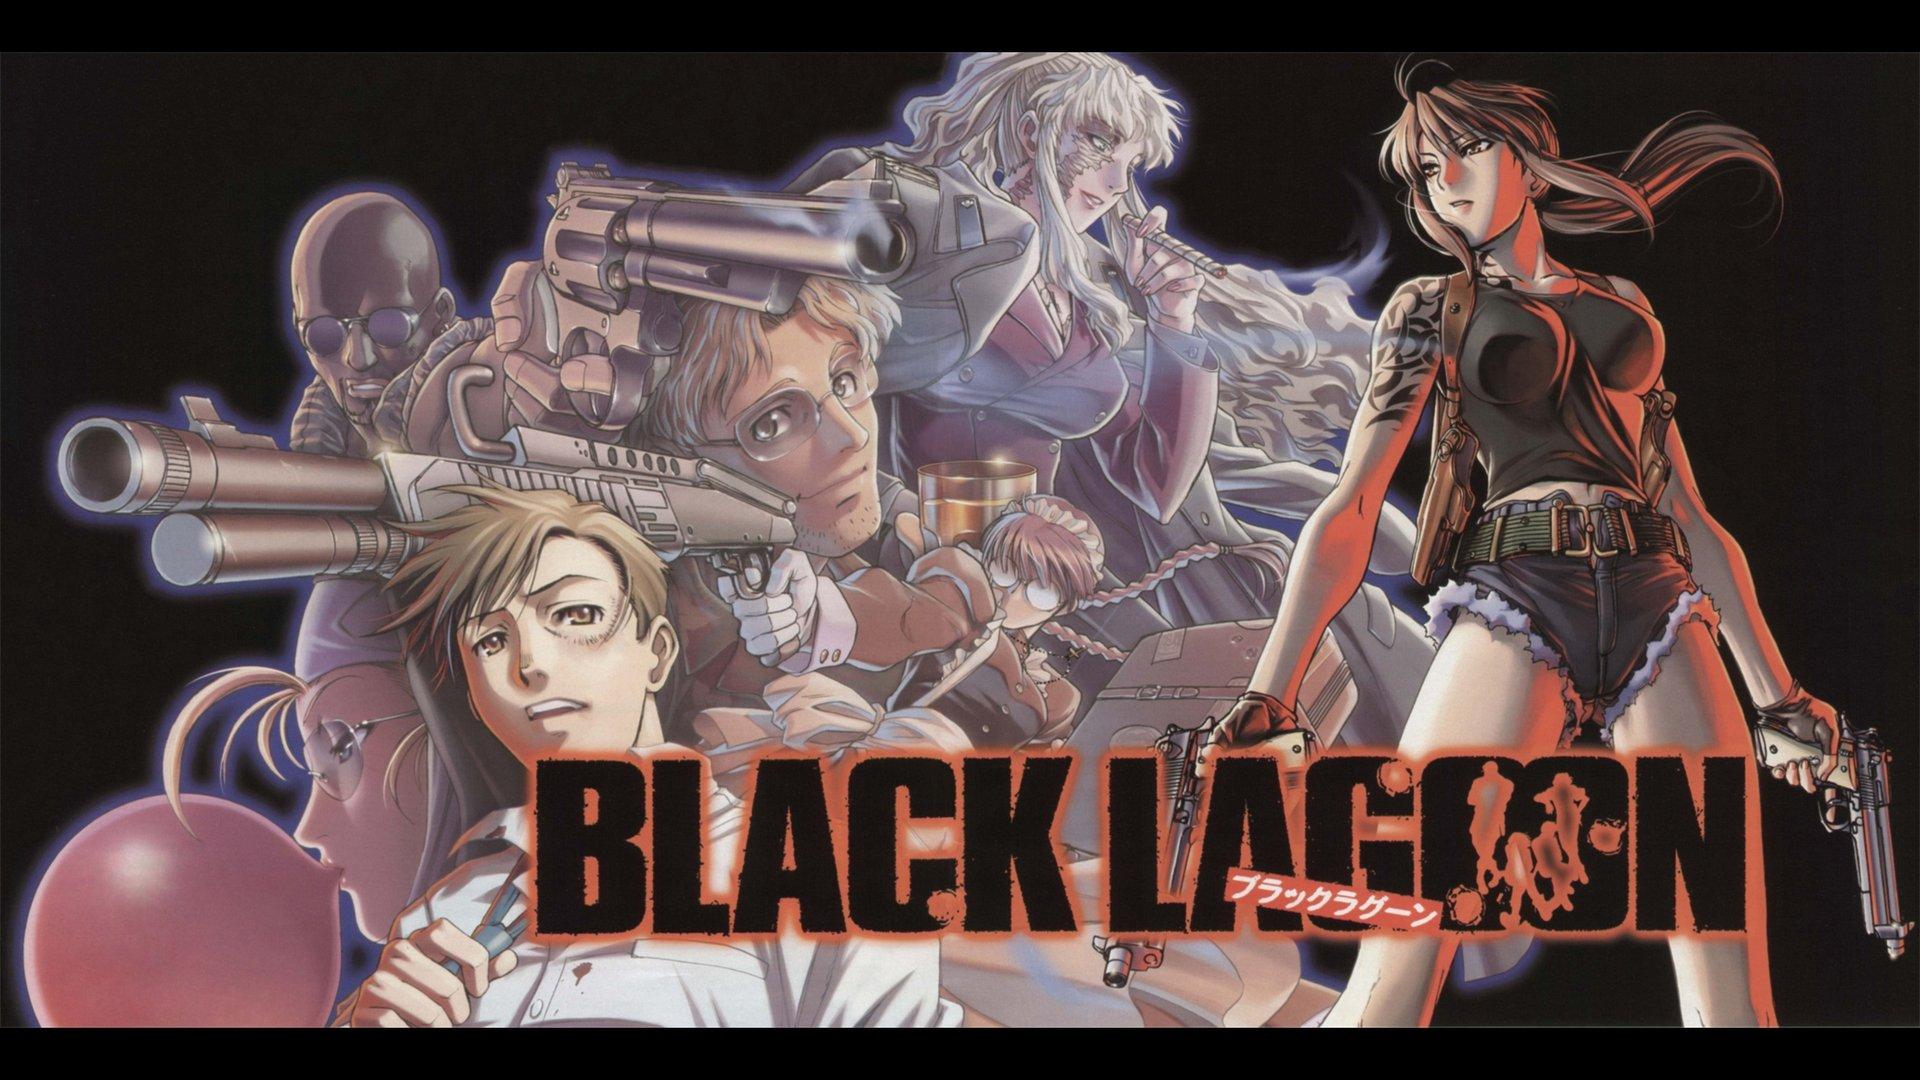 【ブラック・ラグーン】レヴィの画像 ...